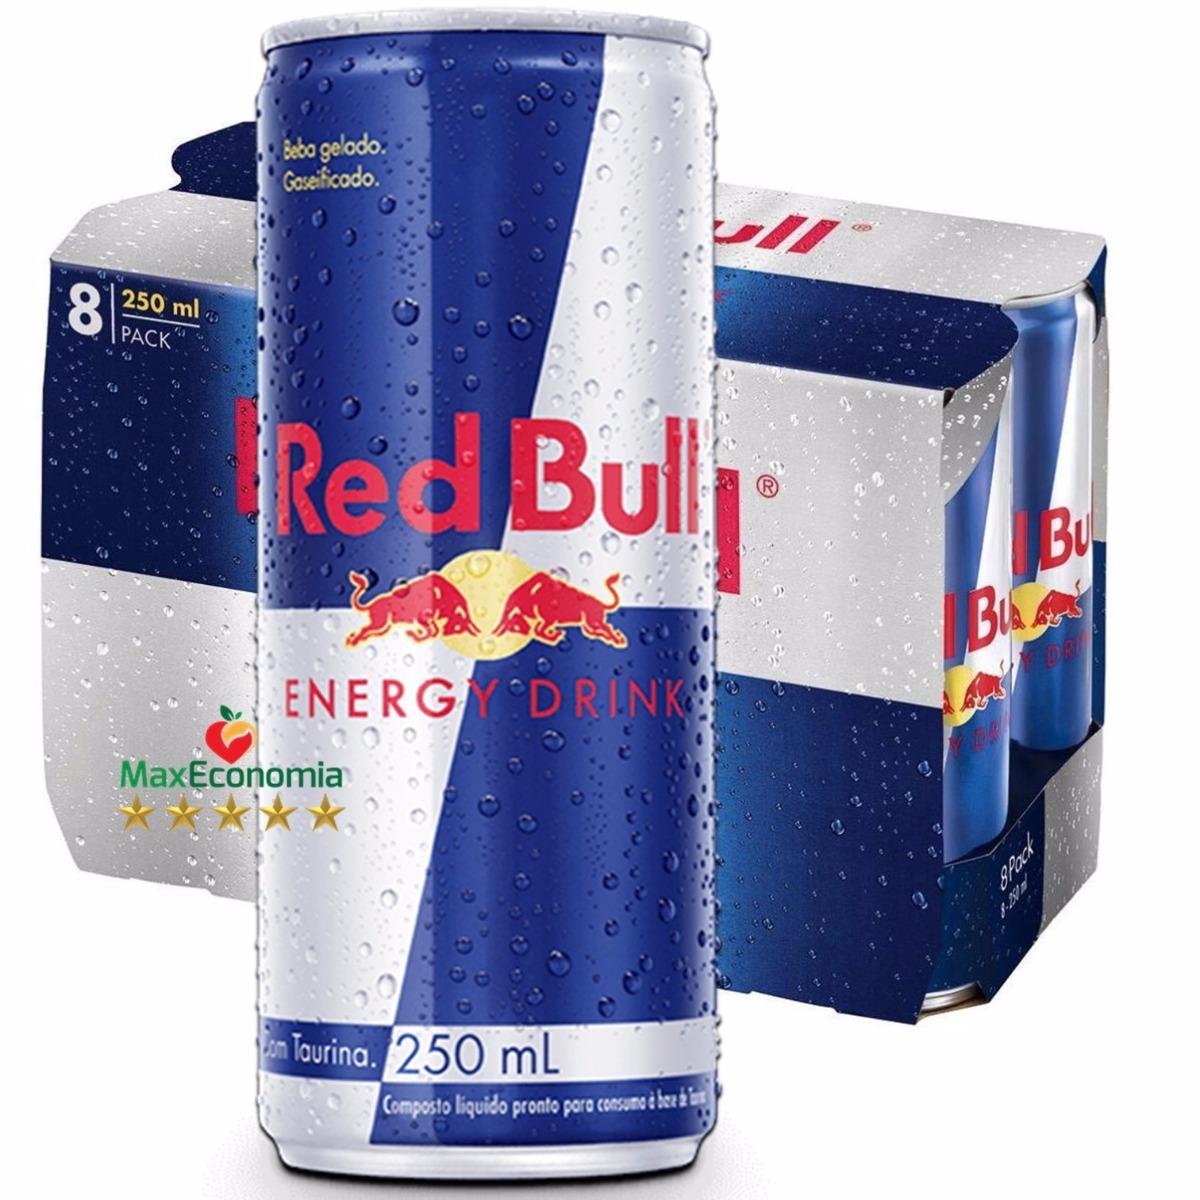 b4692e8c49f6b energético redbull pack com 16 latas de 250ml. Carregando zoom.